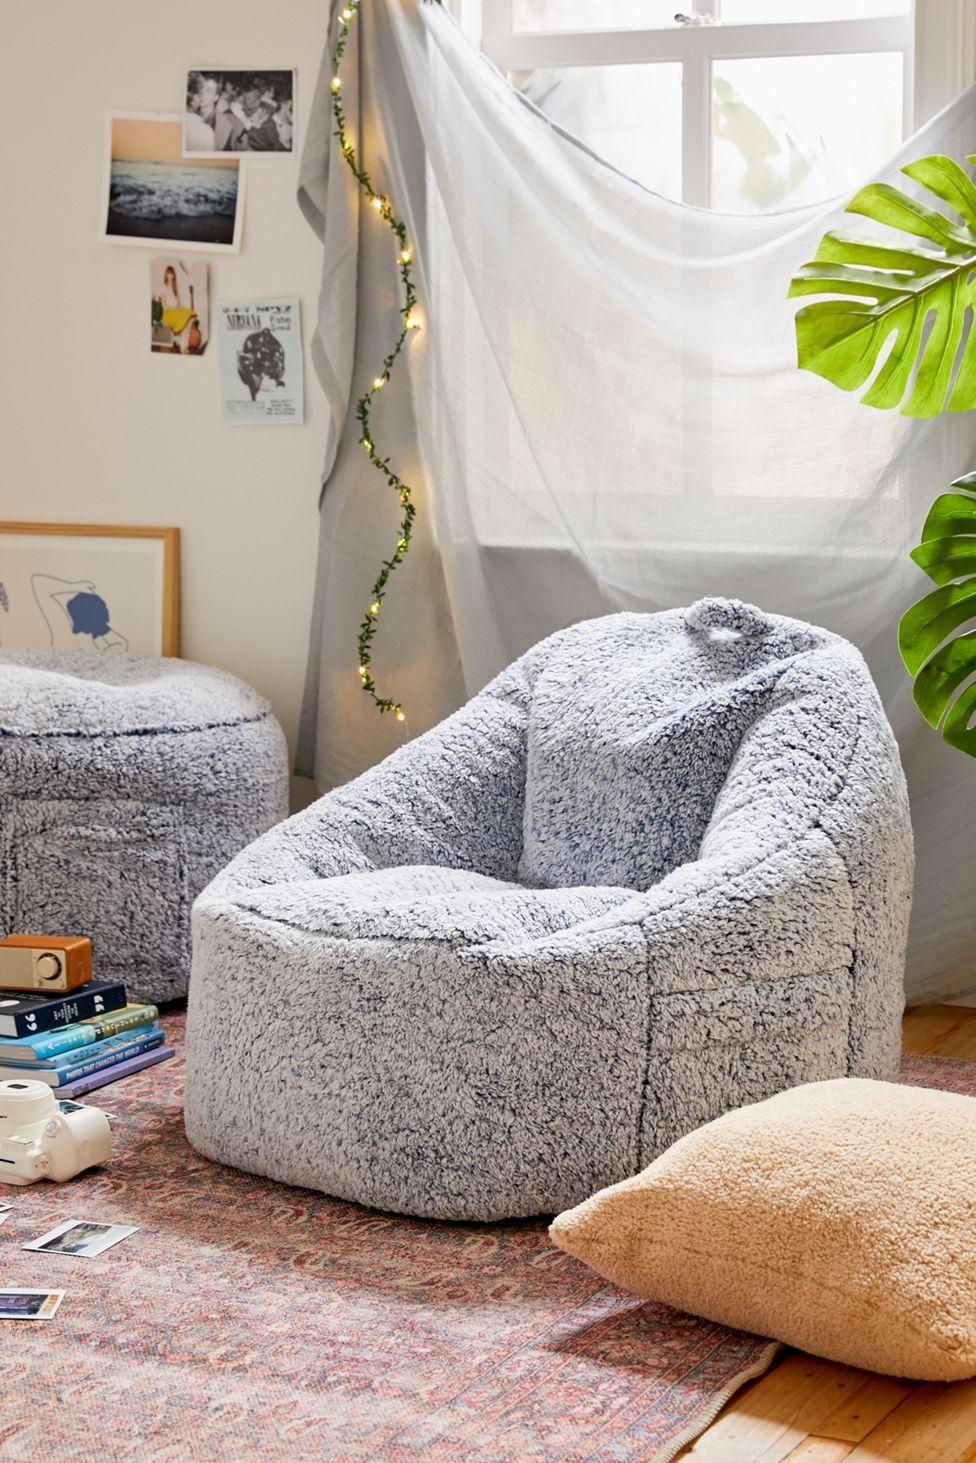 Amped Fleece Bean Bag Chair | Bean bag chair, Bean bag ...